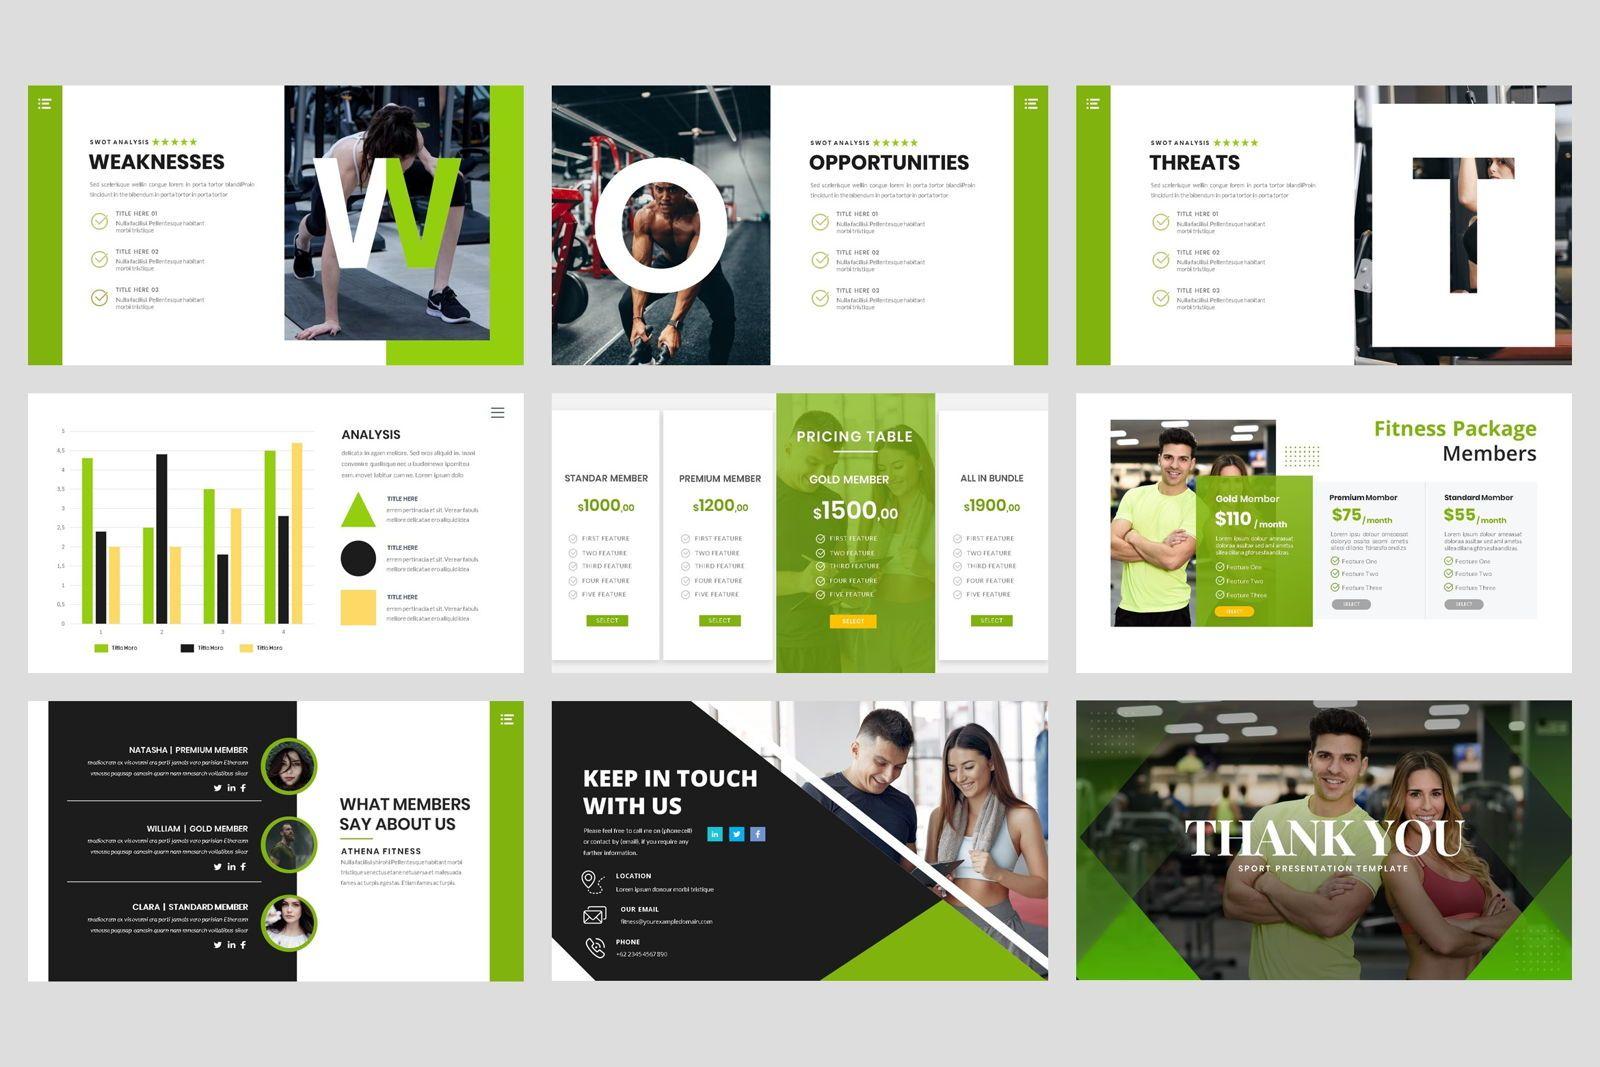 Sport - Fitness Business Workout PowerPoint Template, Slide 5, 08607, Presentation Templates — PoweredTemplate.com